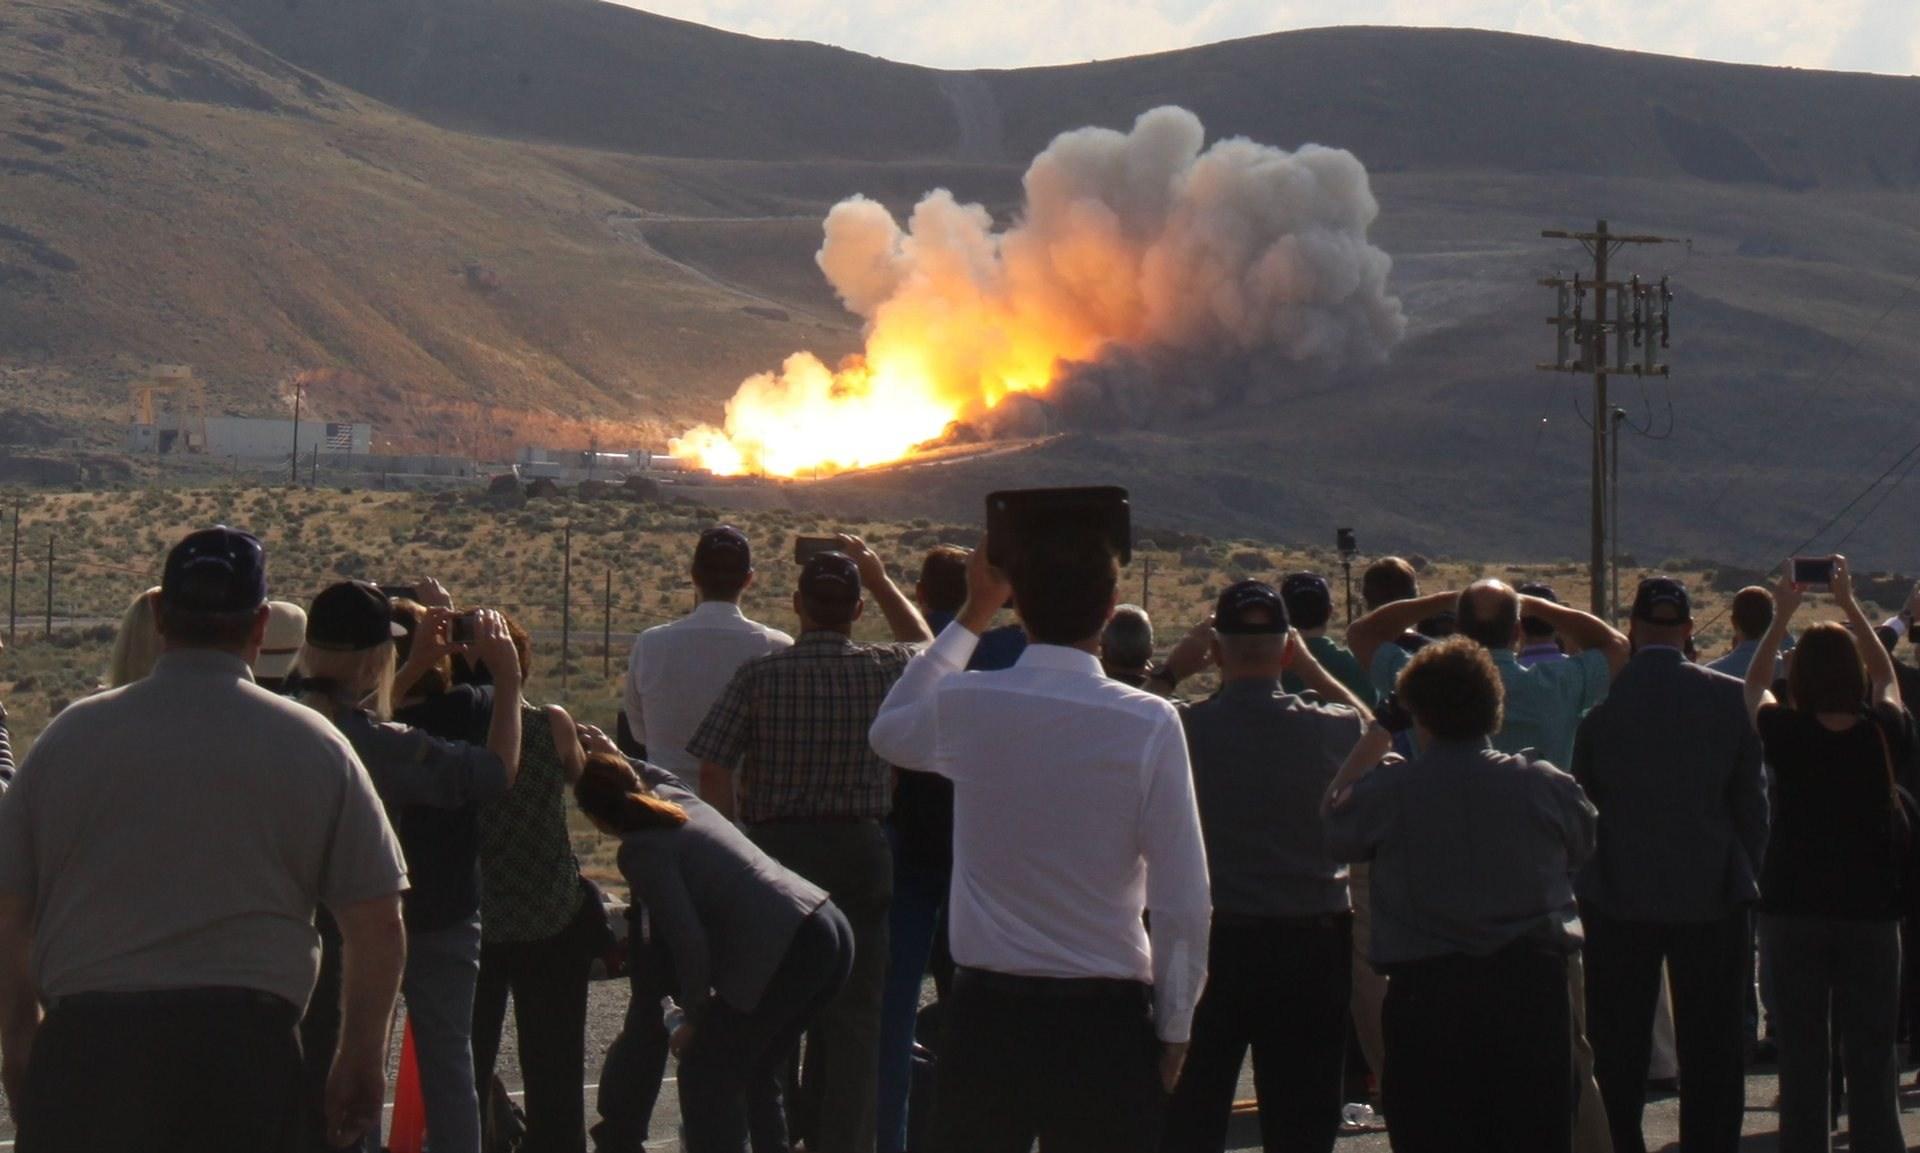 ناسا بوستر موشک غولپیکر مریخیاش را آتش کرد + تصاویر